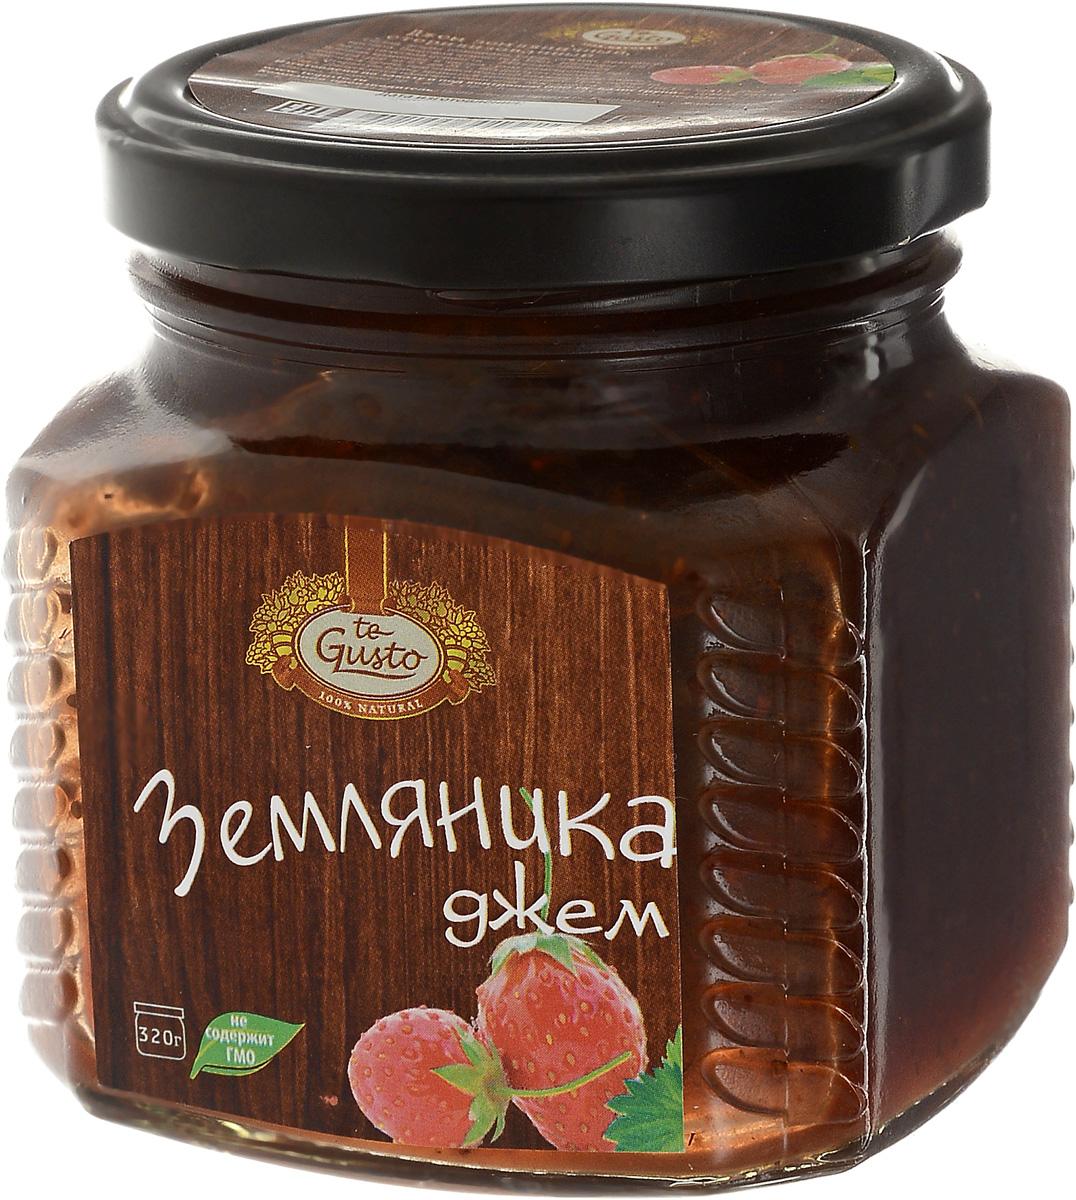 te Gusto Джем из земляники, 320 г0120710Ароматный джем te Gusto сварен из земляники, имеет желеобразную консистенцию с крупными кусочками ягод. Для приготовления используются только свежие, тщательно отобранные ягоды, созревшие в экологически чистых местах. Продукт не содержит ГМО.Земляника - очень полезная и сладкая ягода, необычный аромат и восхитительный вкус которой нравится и детям, и взрослым. Вместе с тем полезные свойства земляники стимулируют аппетит, улучшают пищеварение, а также снимают воспаление в кишечнике и желудке.Уважаемые клиенты! Обращаем ваше внимание, что полный перечень состава продукта представлен на дополнительном изображении.